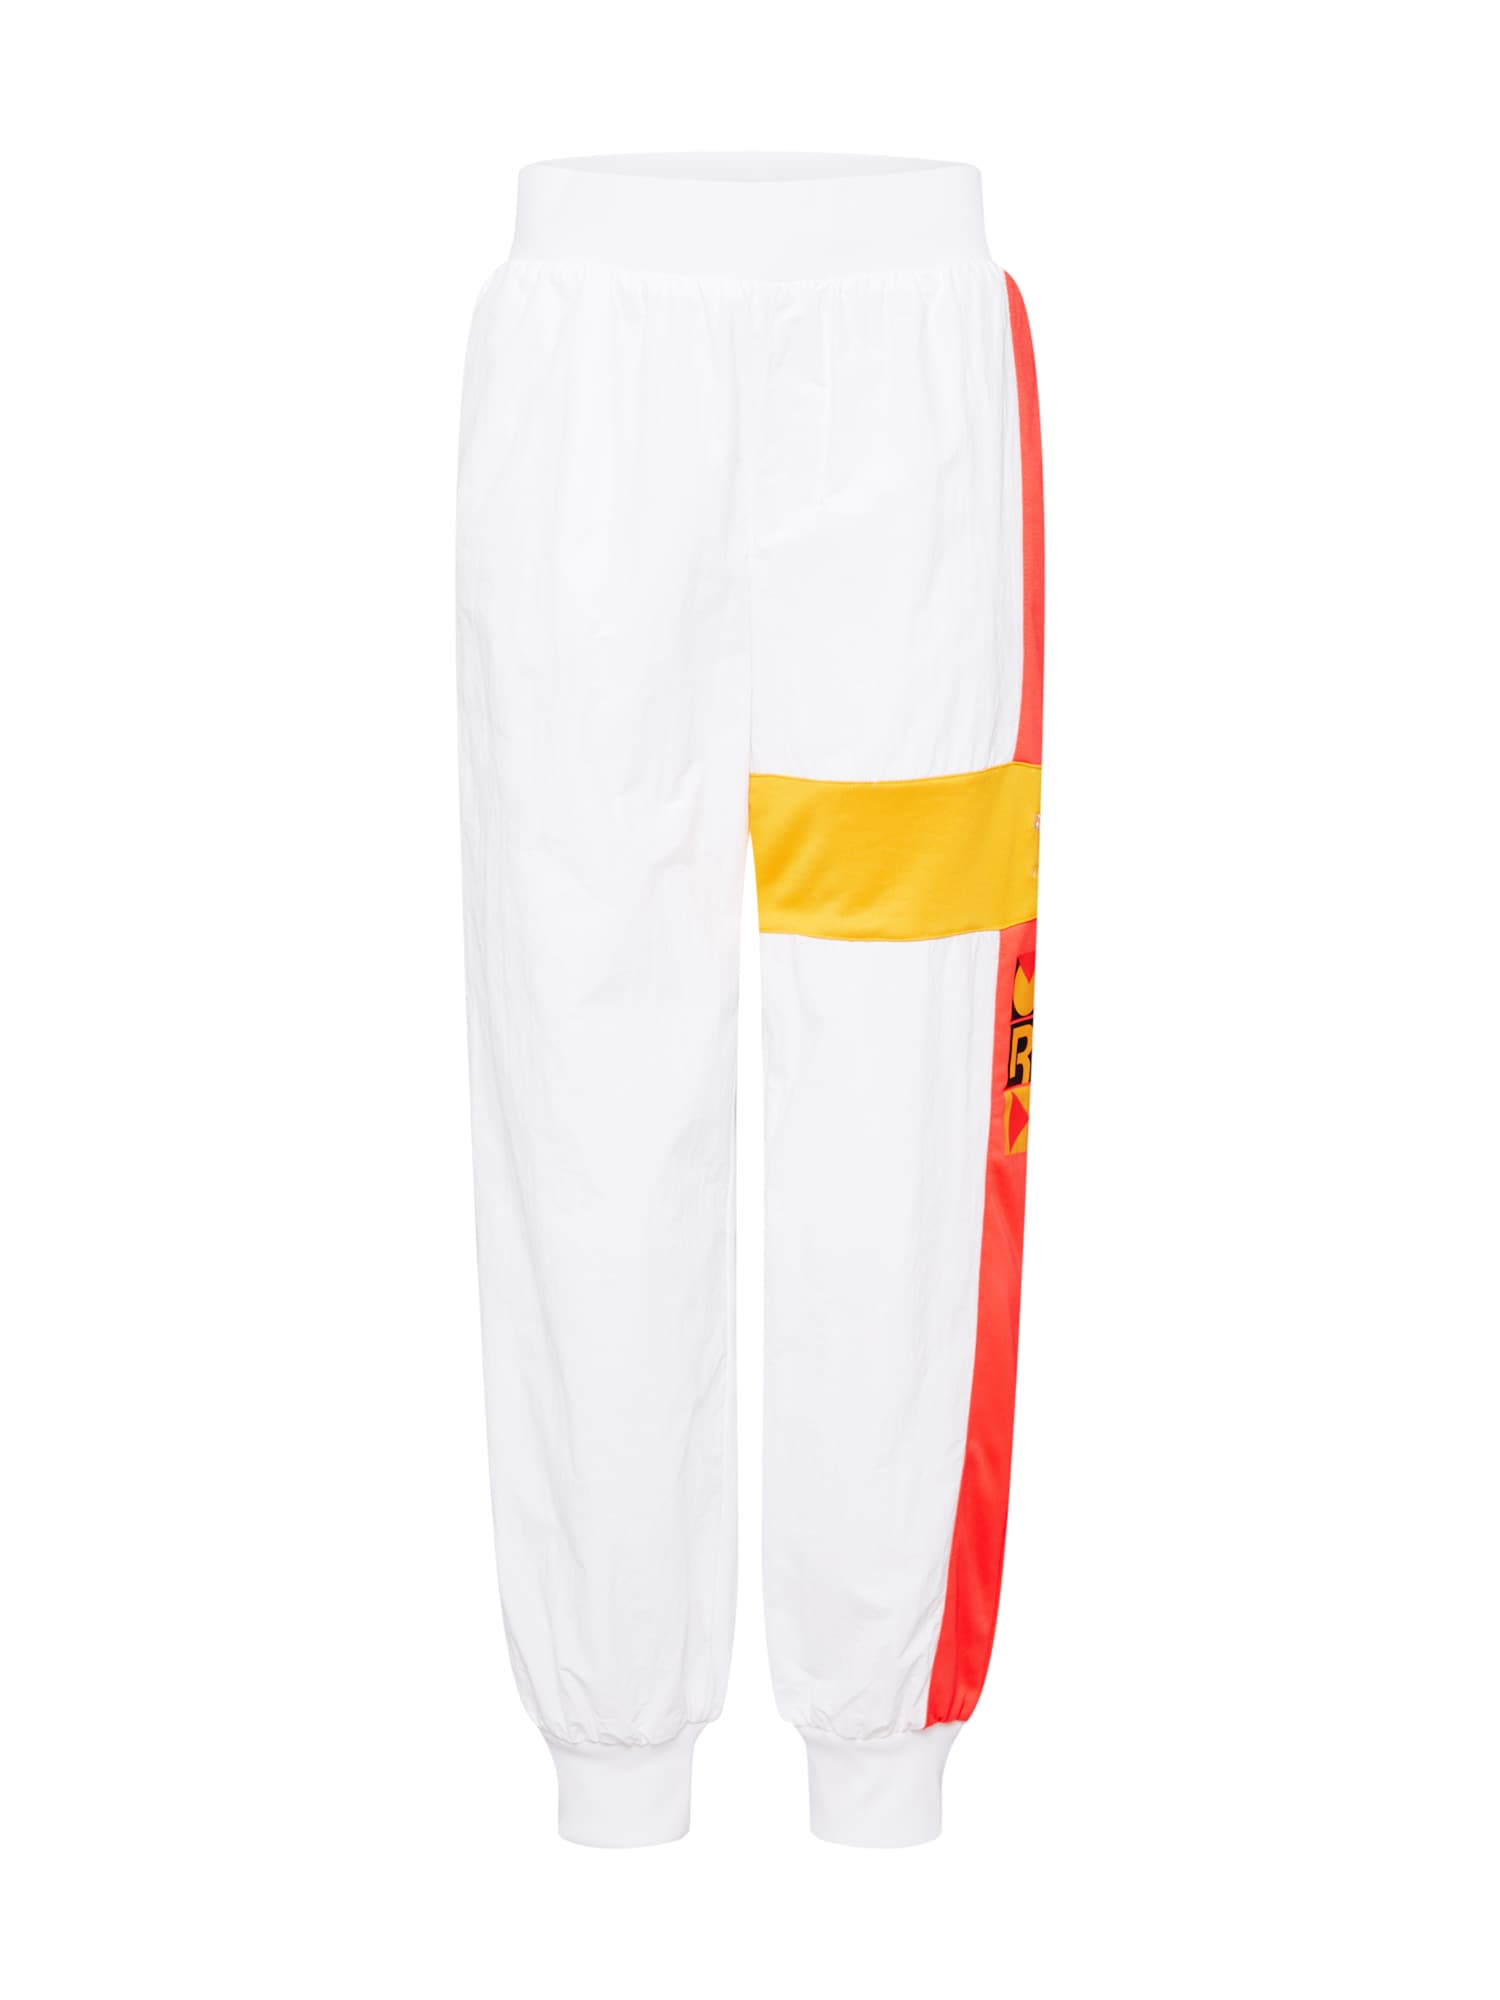 Kalhoty Gigi Track Pants žlutá tmavě oranžová černá bílá Reebok Classic